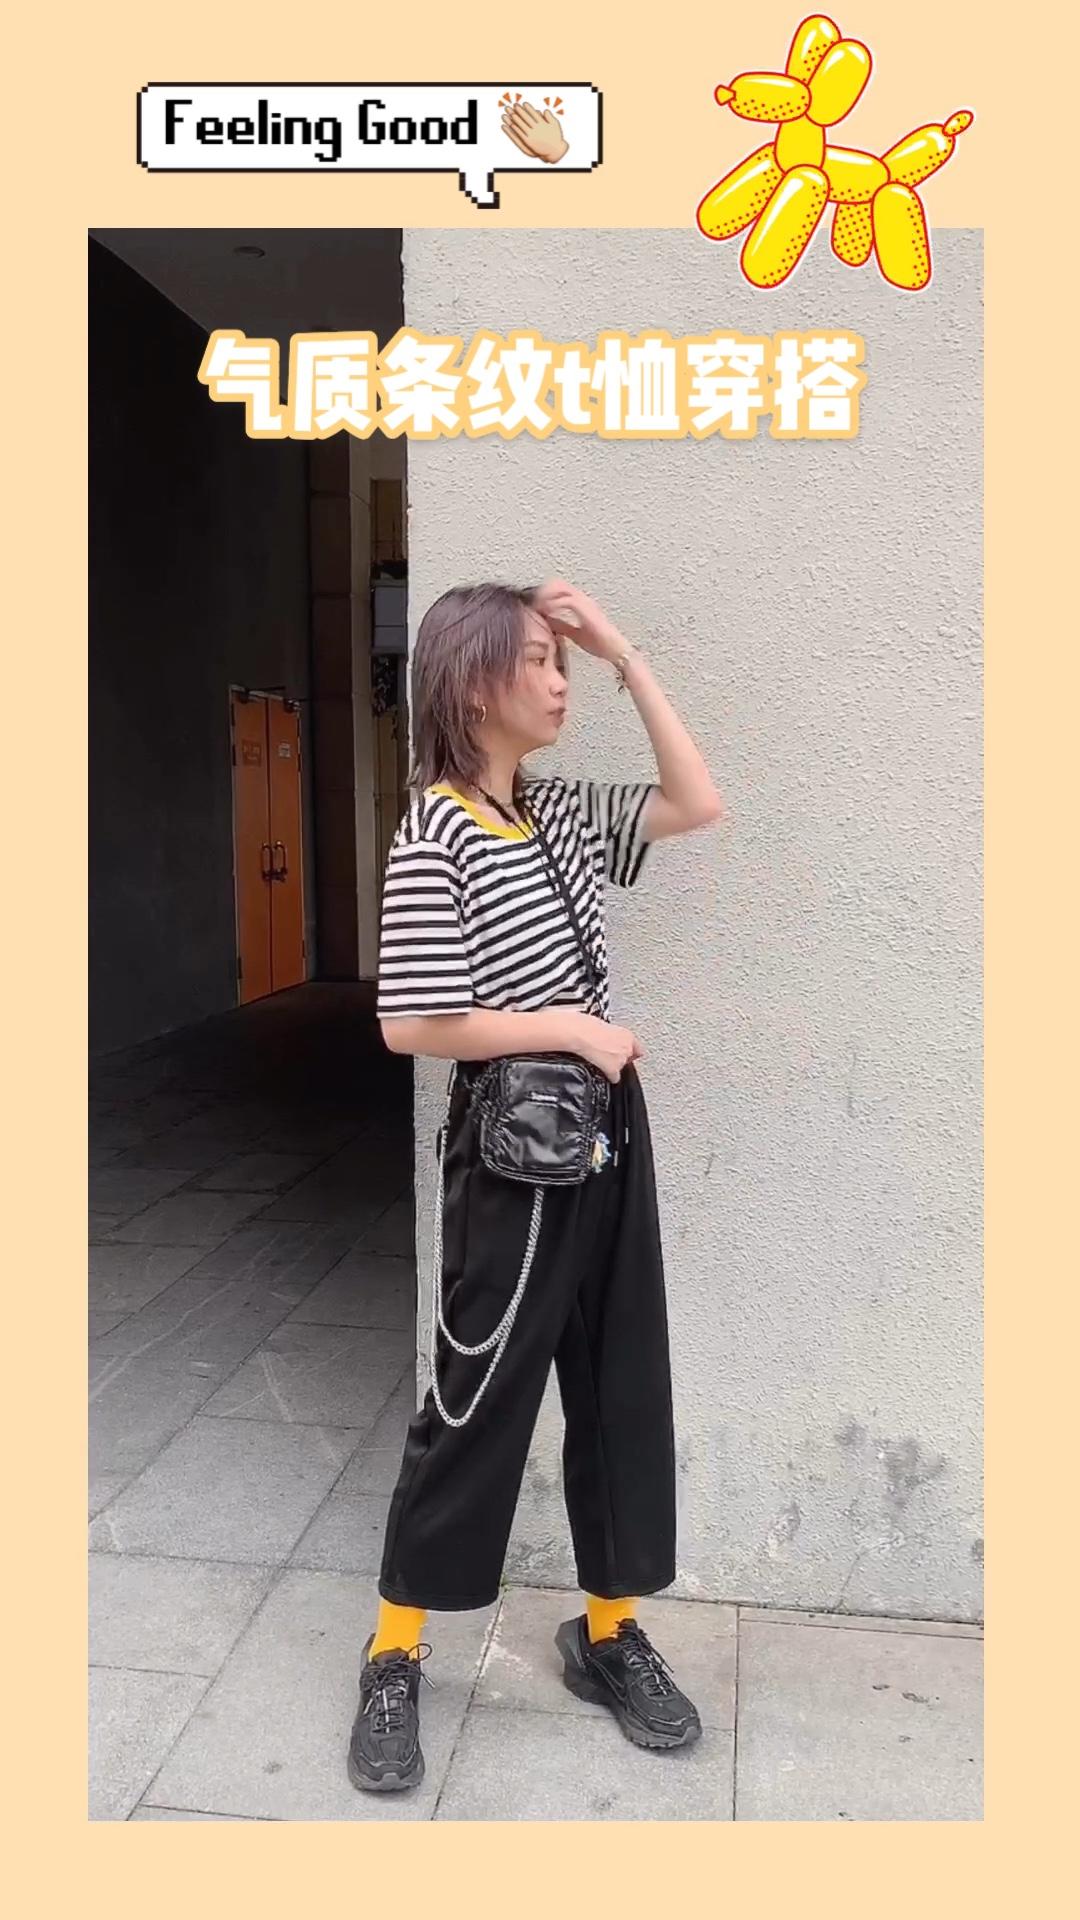 条纹T恤是衣柜必备单品哦 黄色的领口非常清新特别 搭配黑色的长裤简洁大方 #今夏流行的复古T,我教你盘#